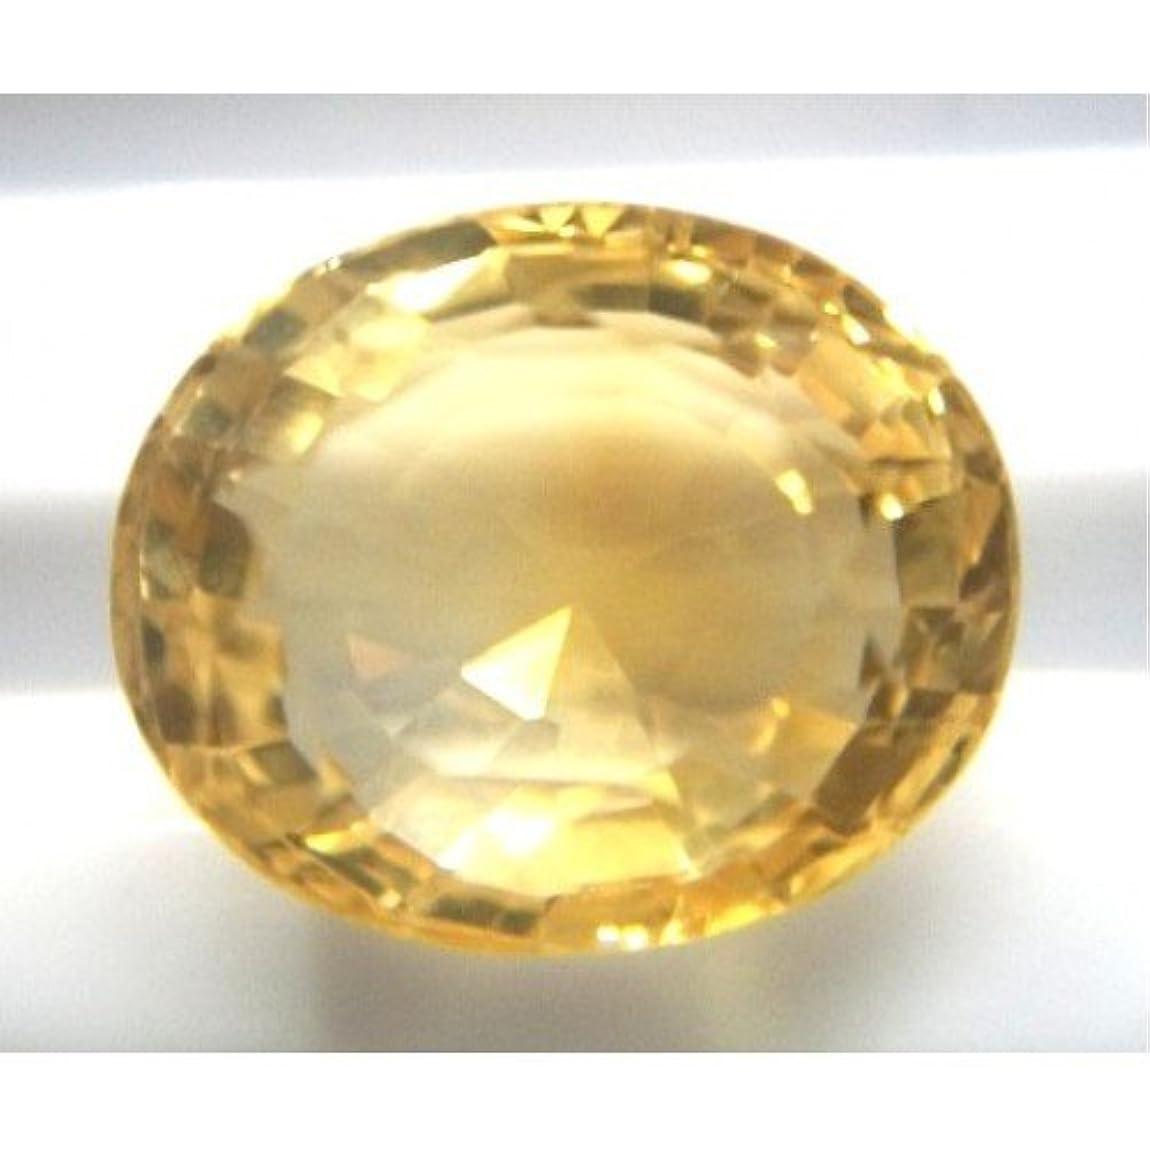 寛容を通して販売員sunela石元Certified Natural Citrine Gemstone 13.9 Carat By gemselect